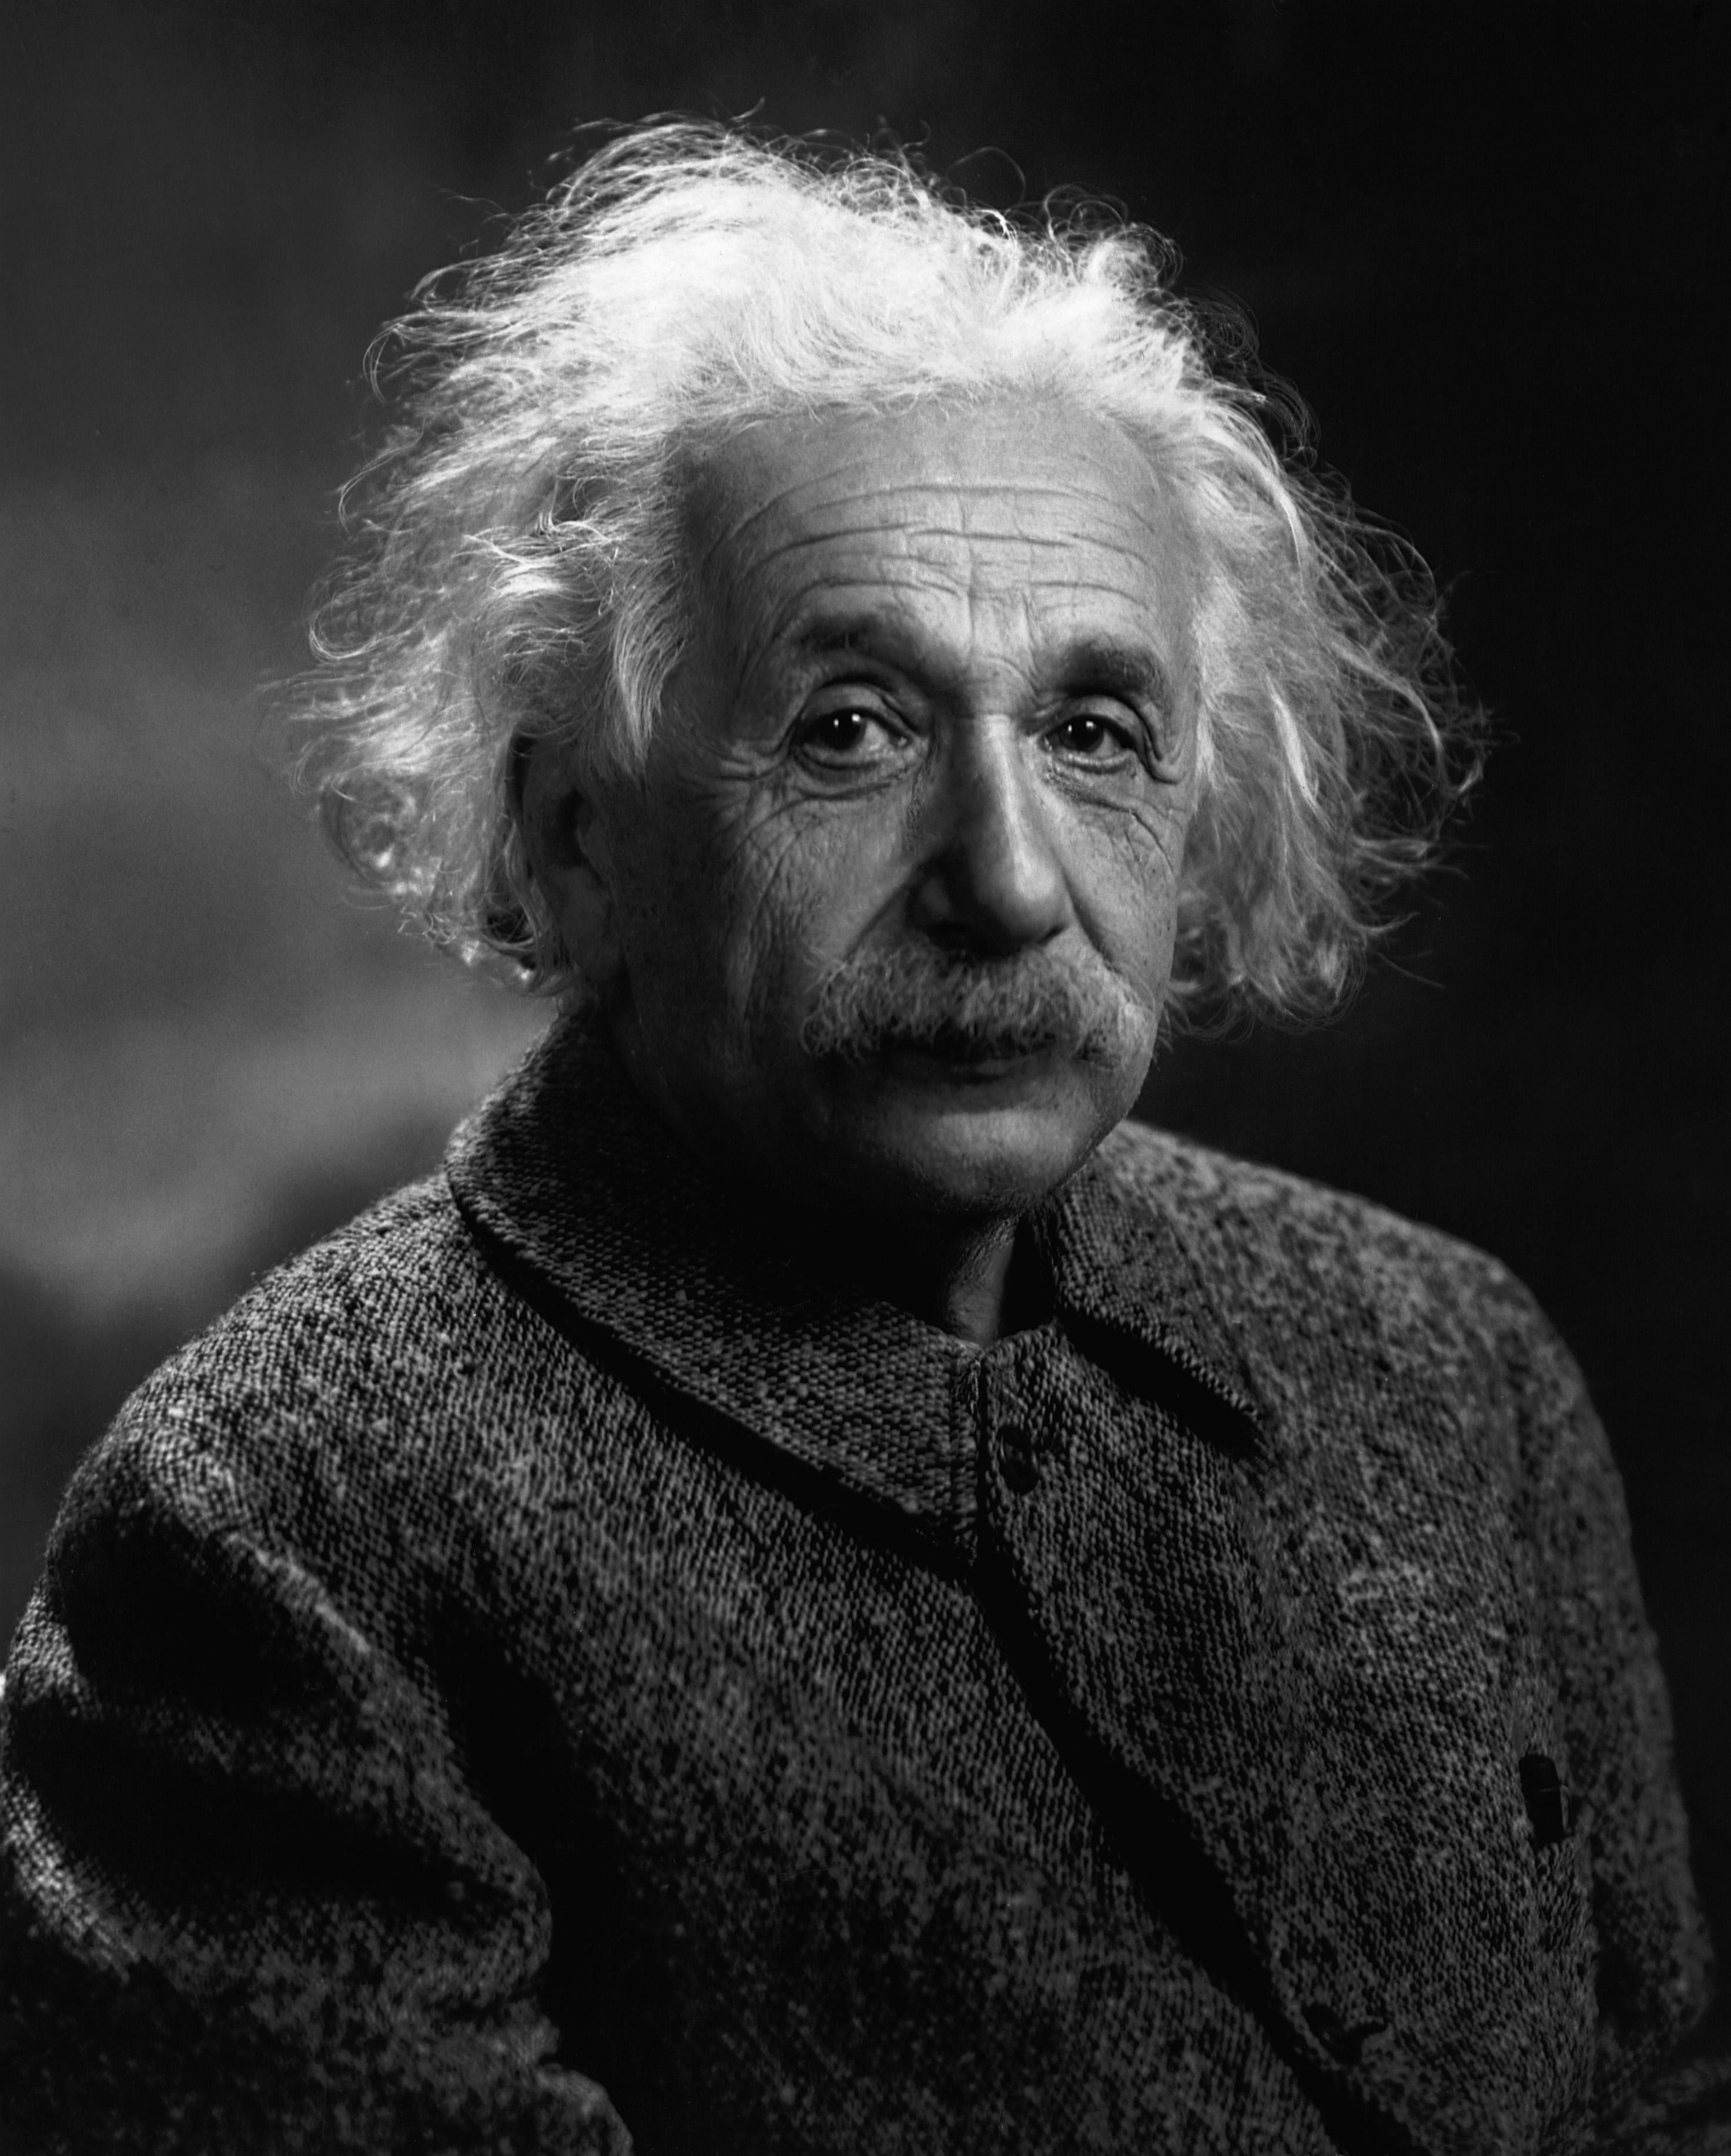 Фото (портрет) Альберта Эйнштейна с большим разрешением. Portrait of Albert Einstein